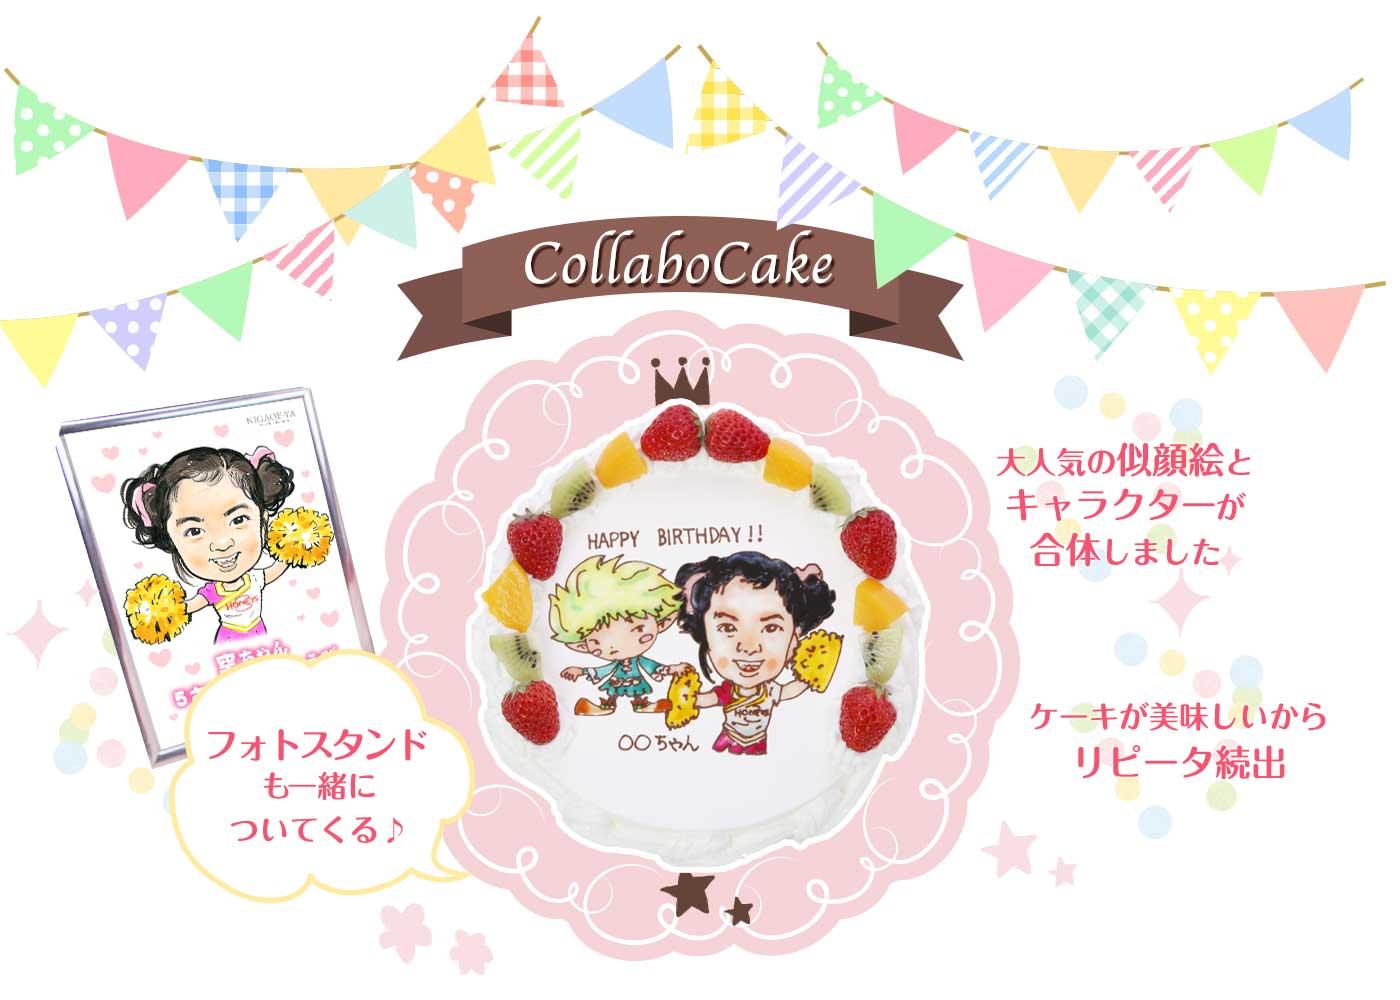 似顔絵とキャラクターのコラボケーキ